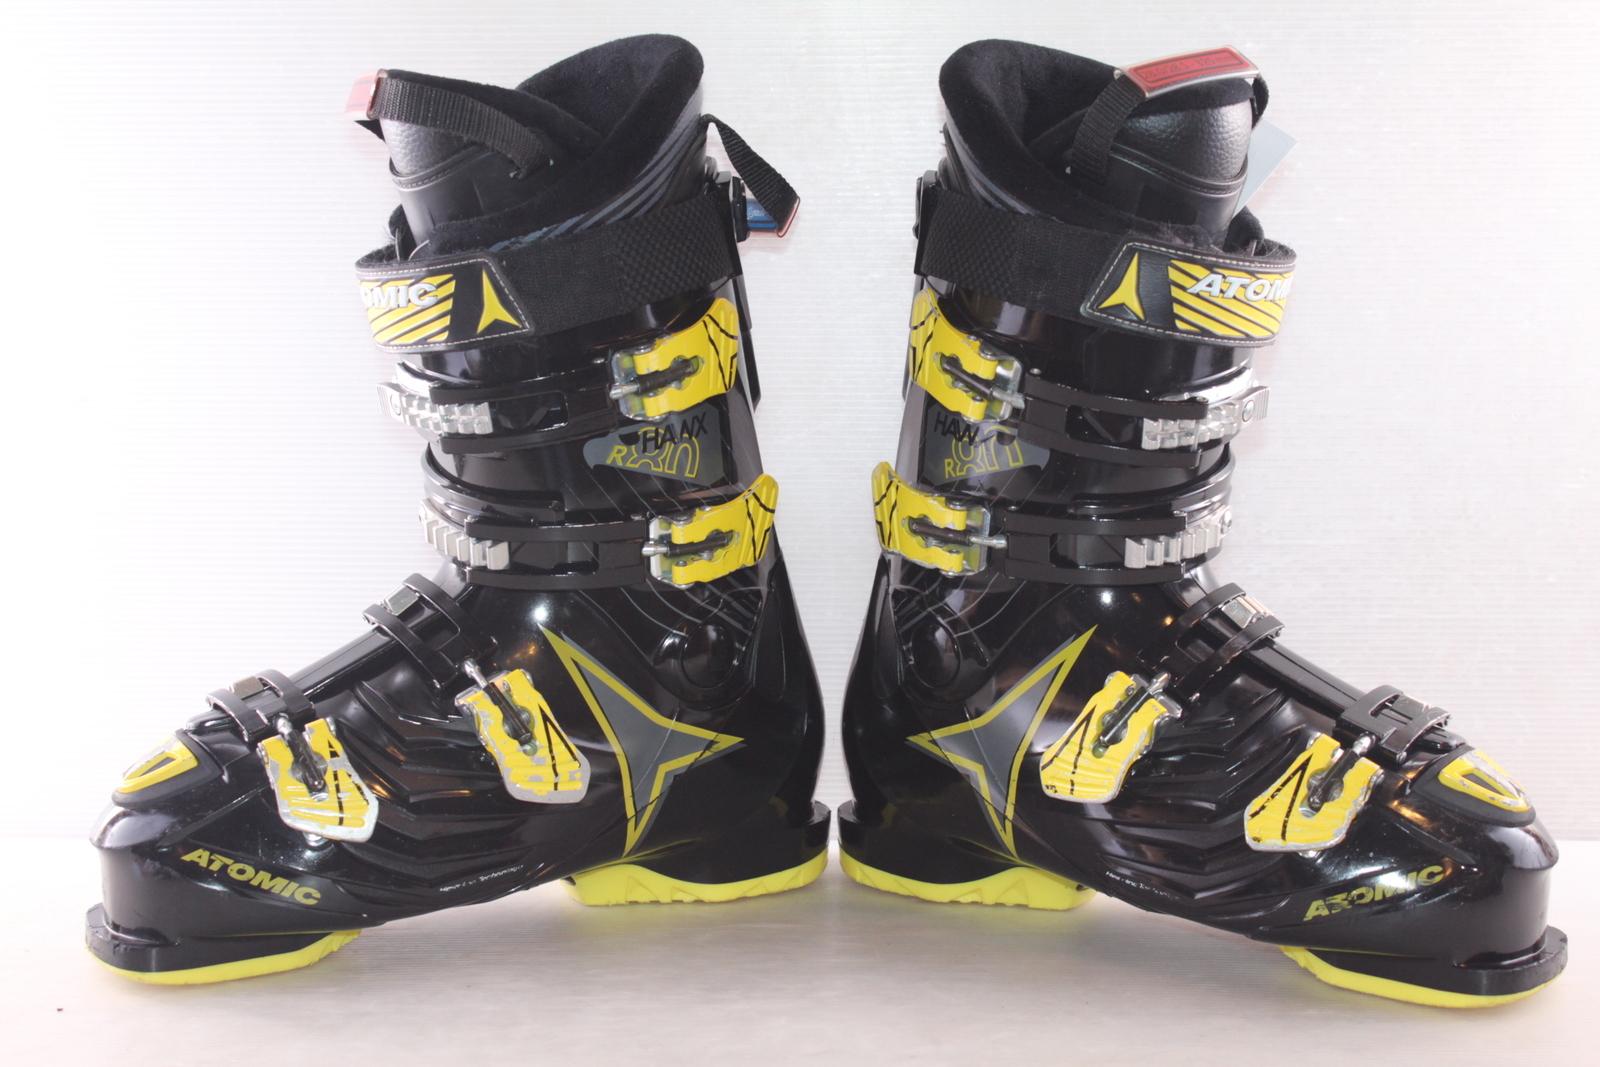 Lyžařské boty Atomic Hawx R80 vel. EU43.5 flexe 80